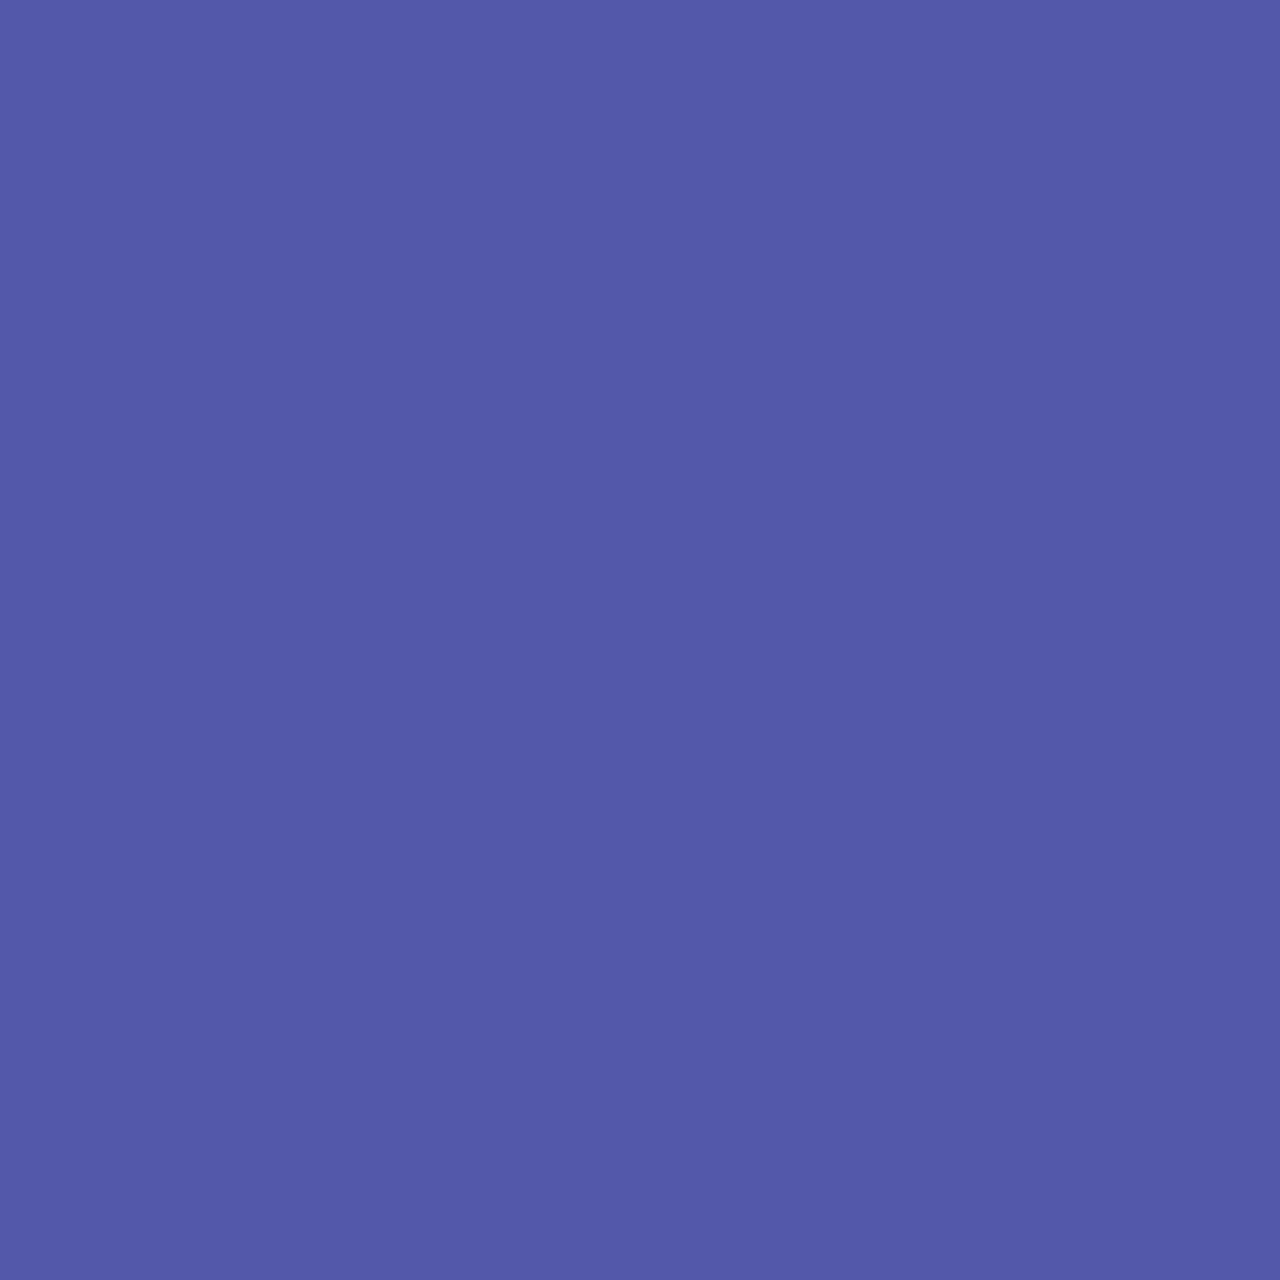 #5458ab Pretty Colors